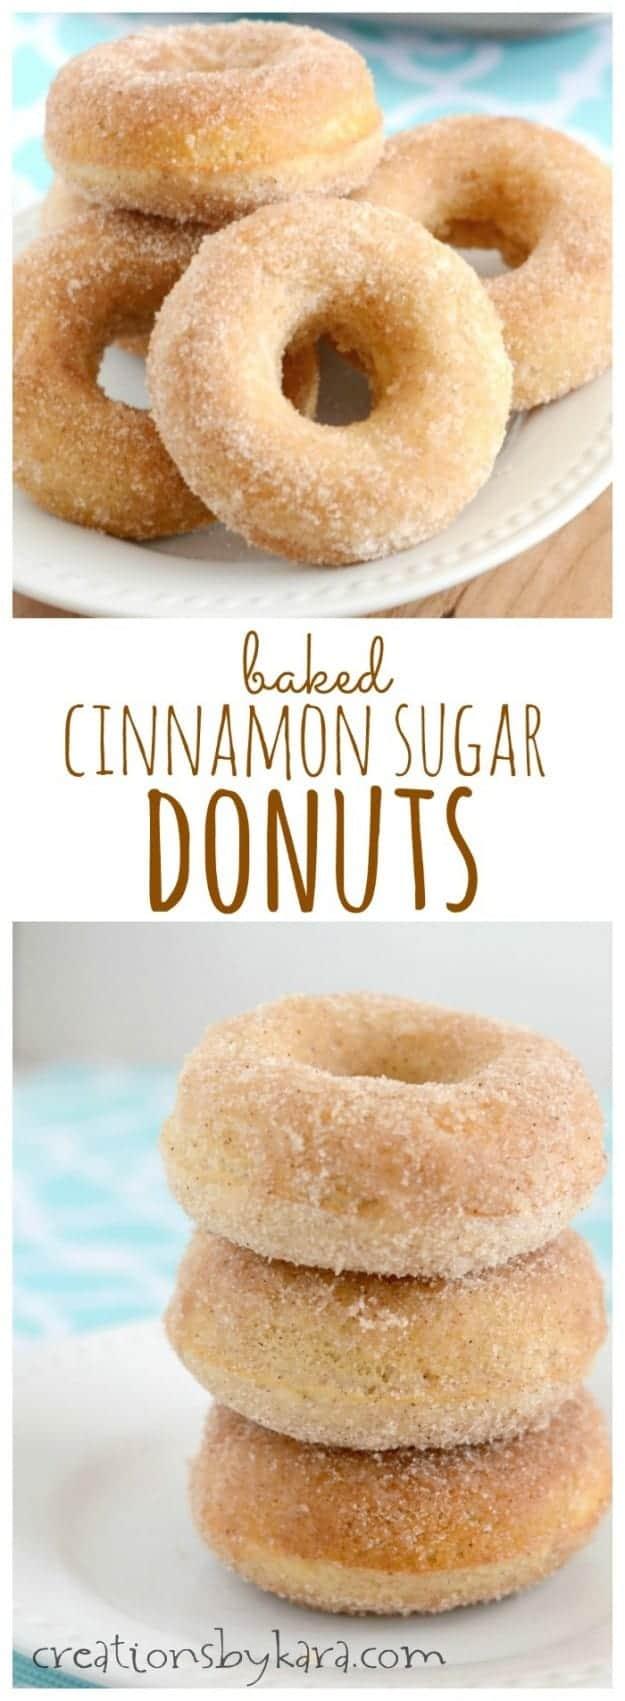 Donut Recipe Baked Using Box Cake Mix